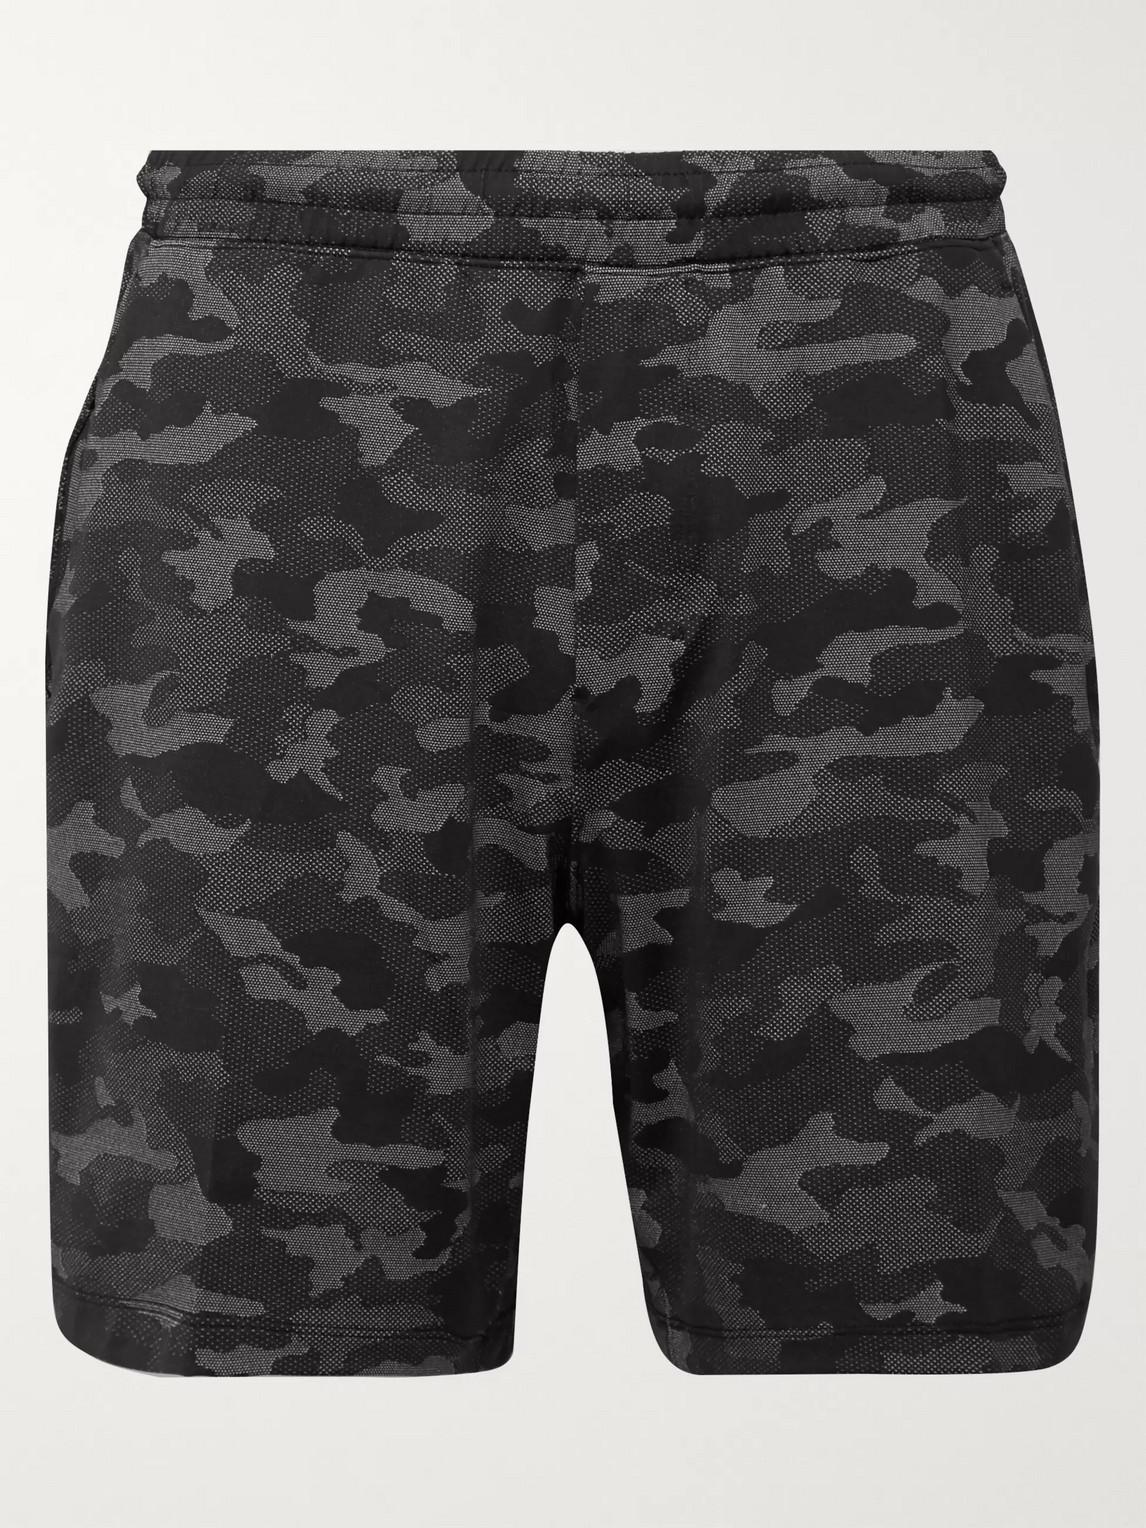 lululemon - pace breaker printed swift shorts - men - black